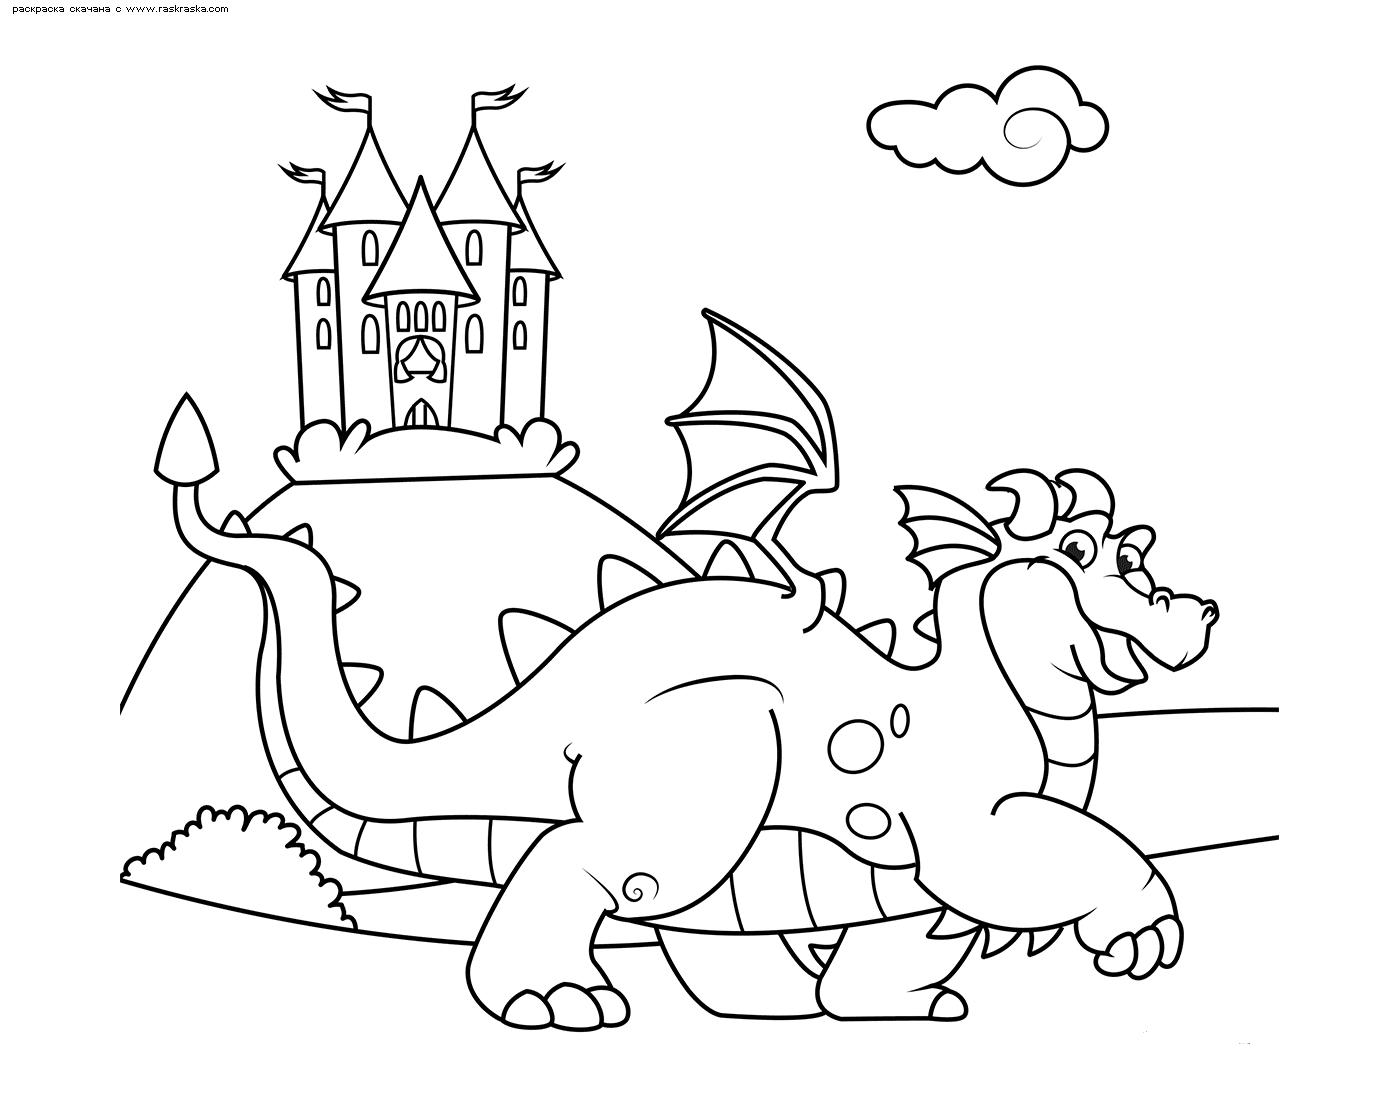 Раскраска Дракон охраняет замок | Раскраски с дракончиками ...